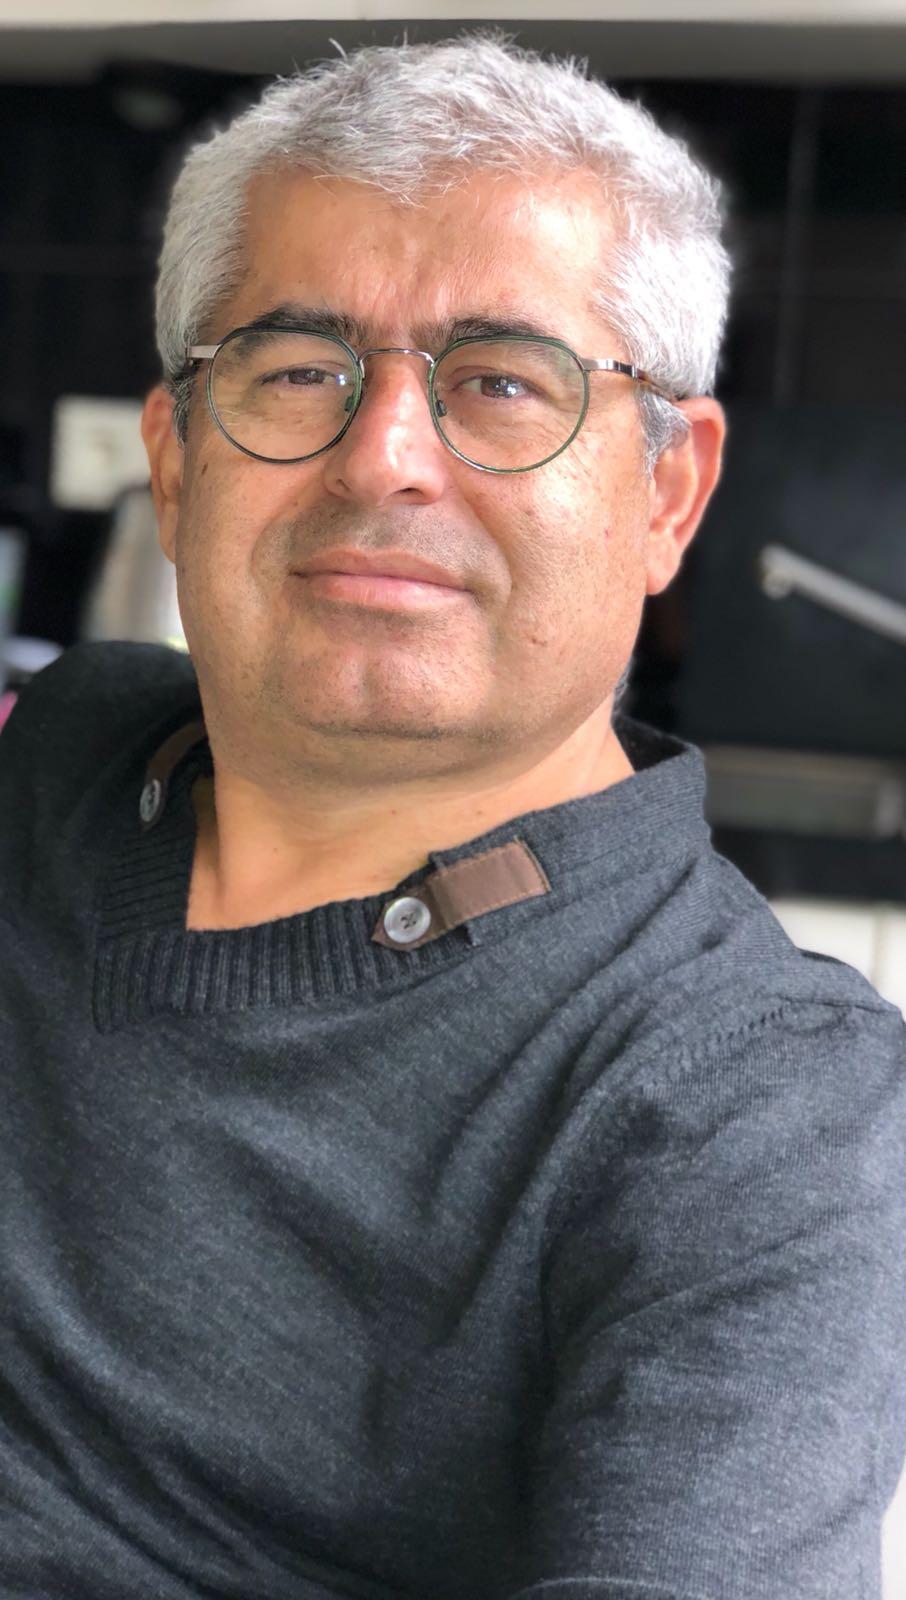 Ali Şerik vertraagt de waarneming in een op hol geslagen wereld